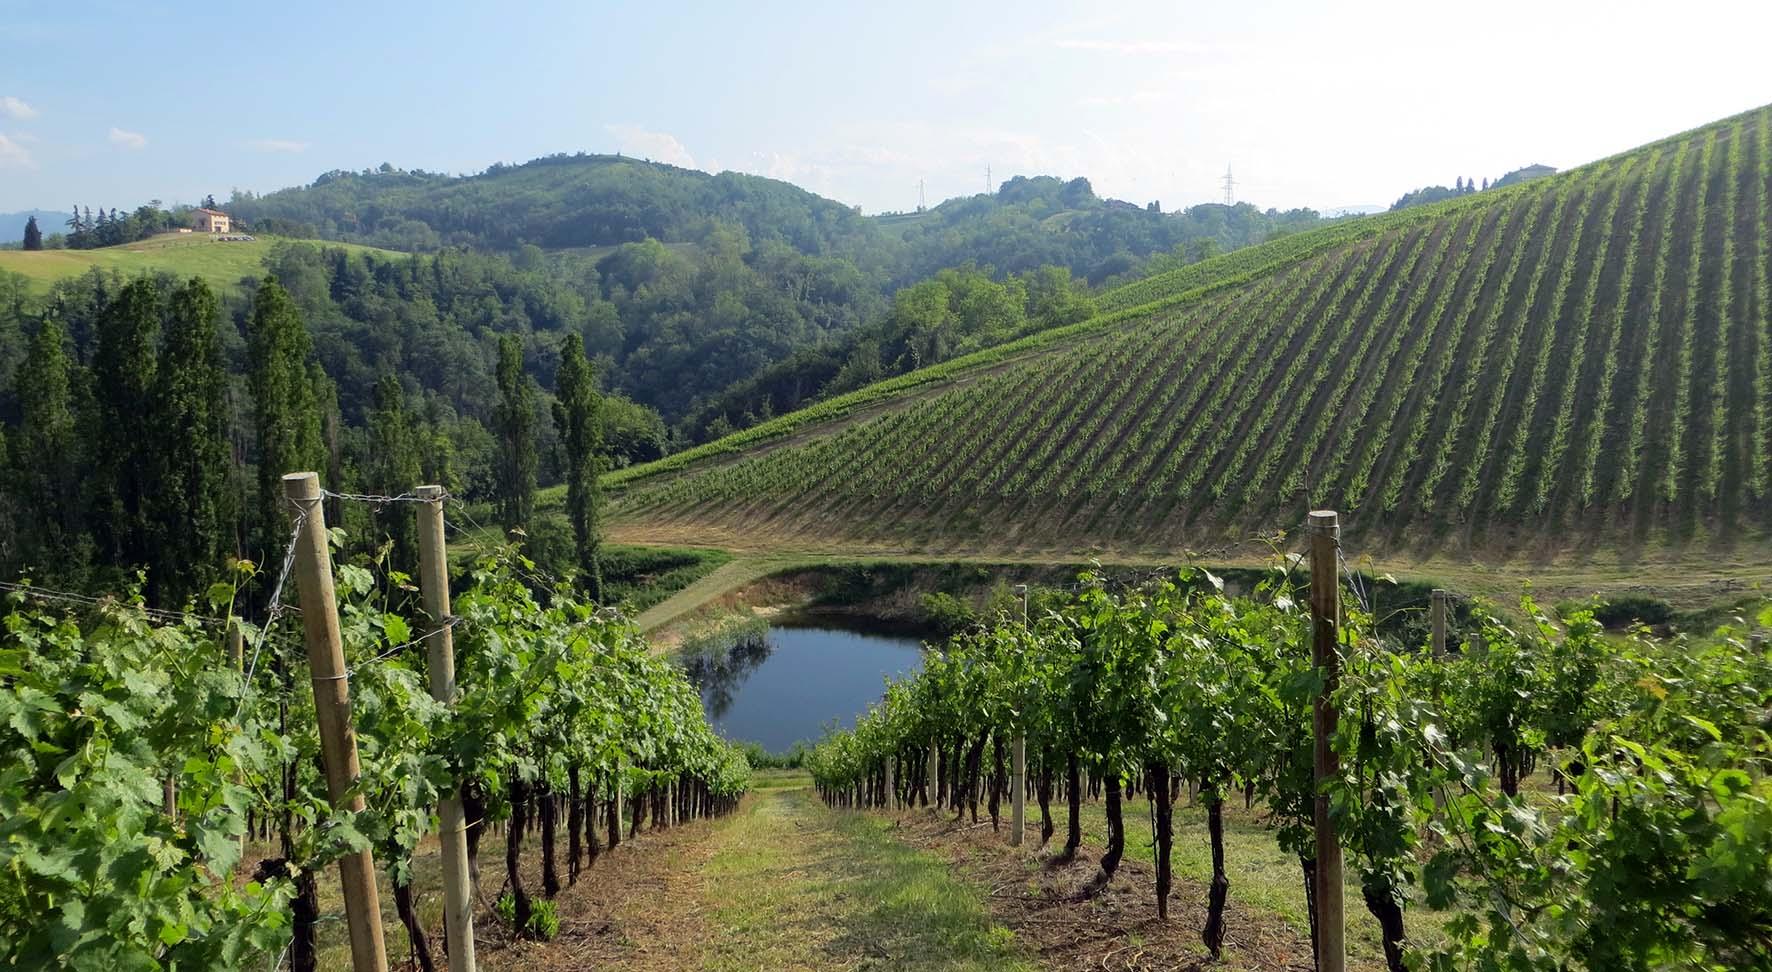 Agricoltura Emilia Romagna vigneti filari